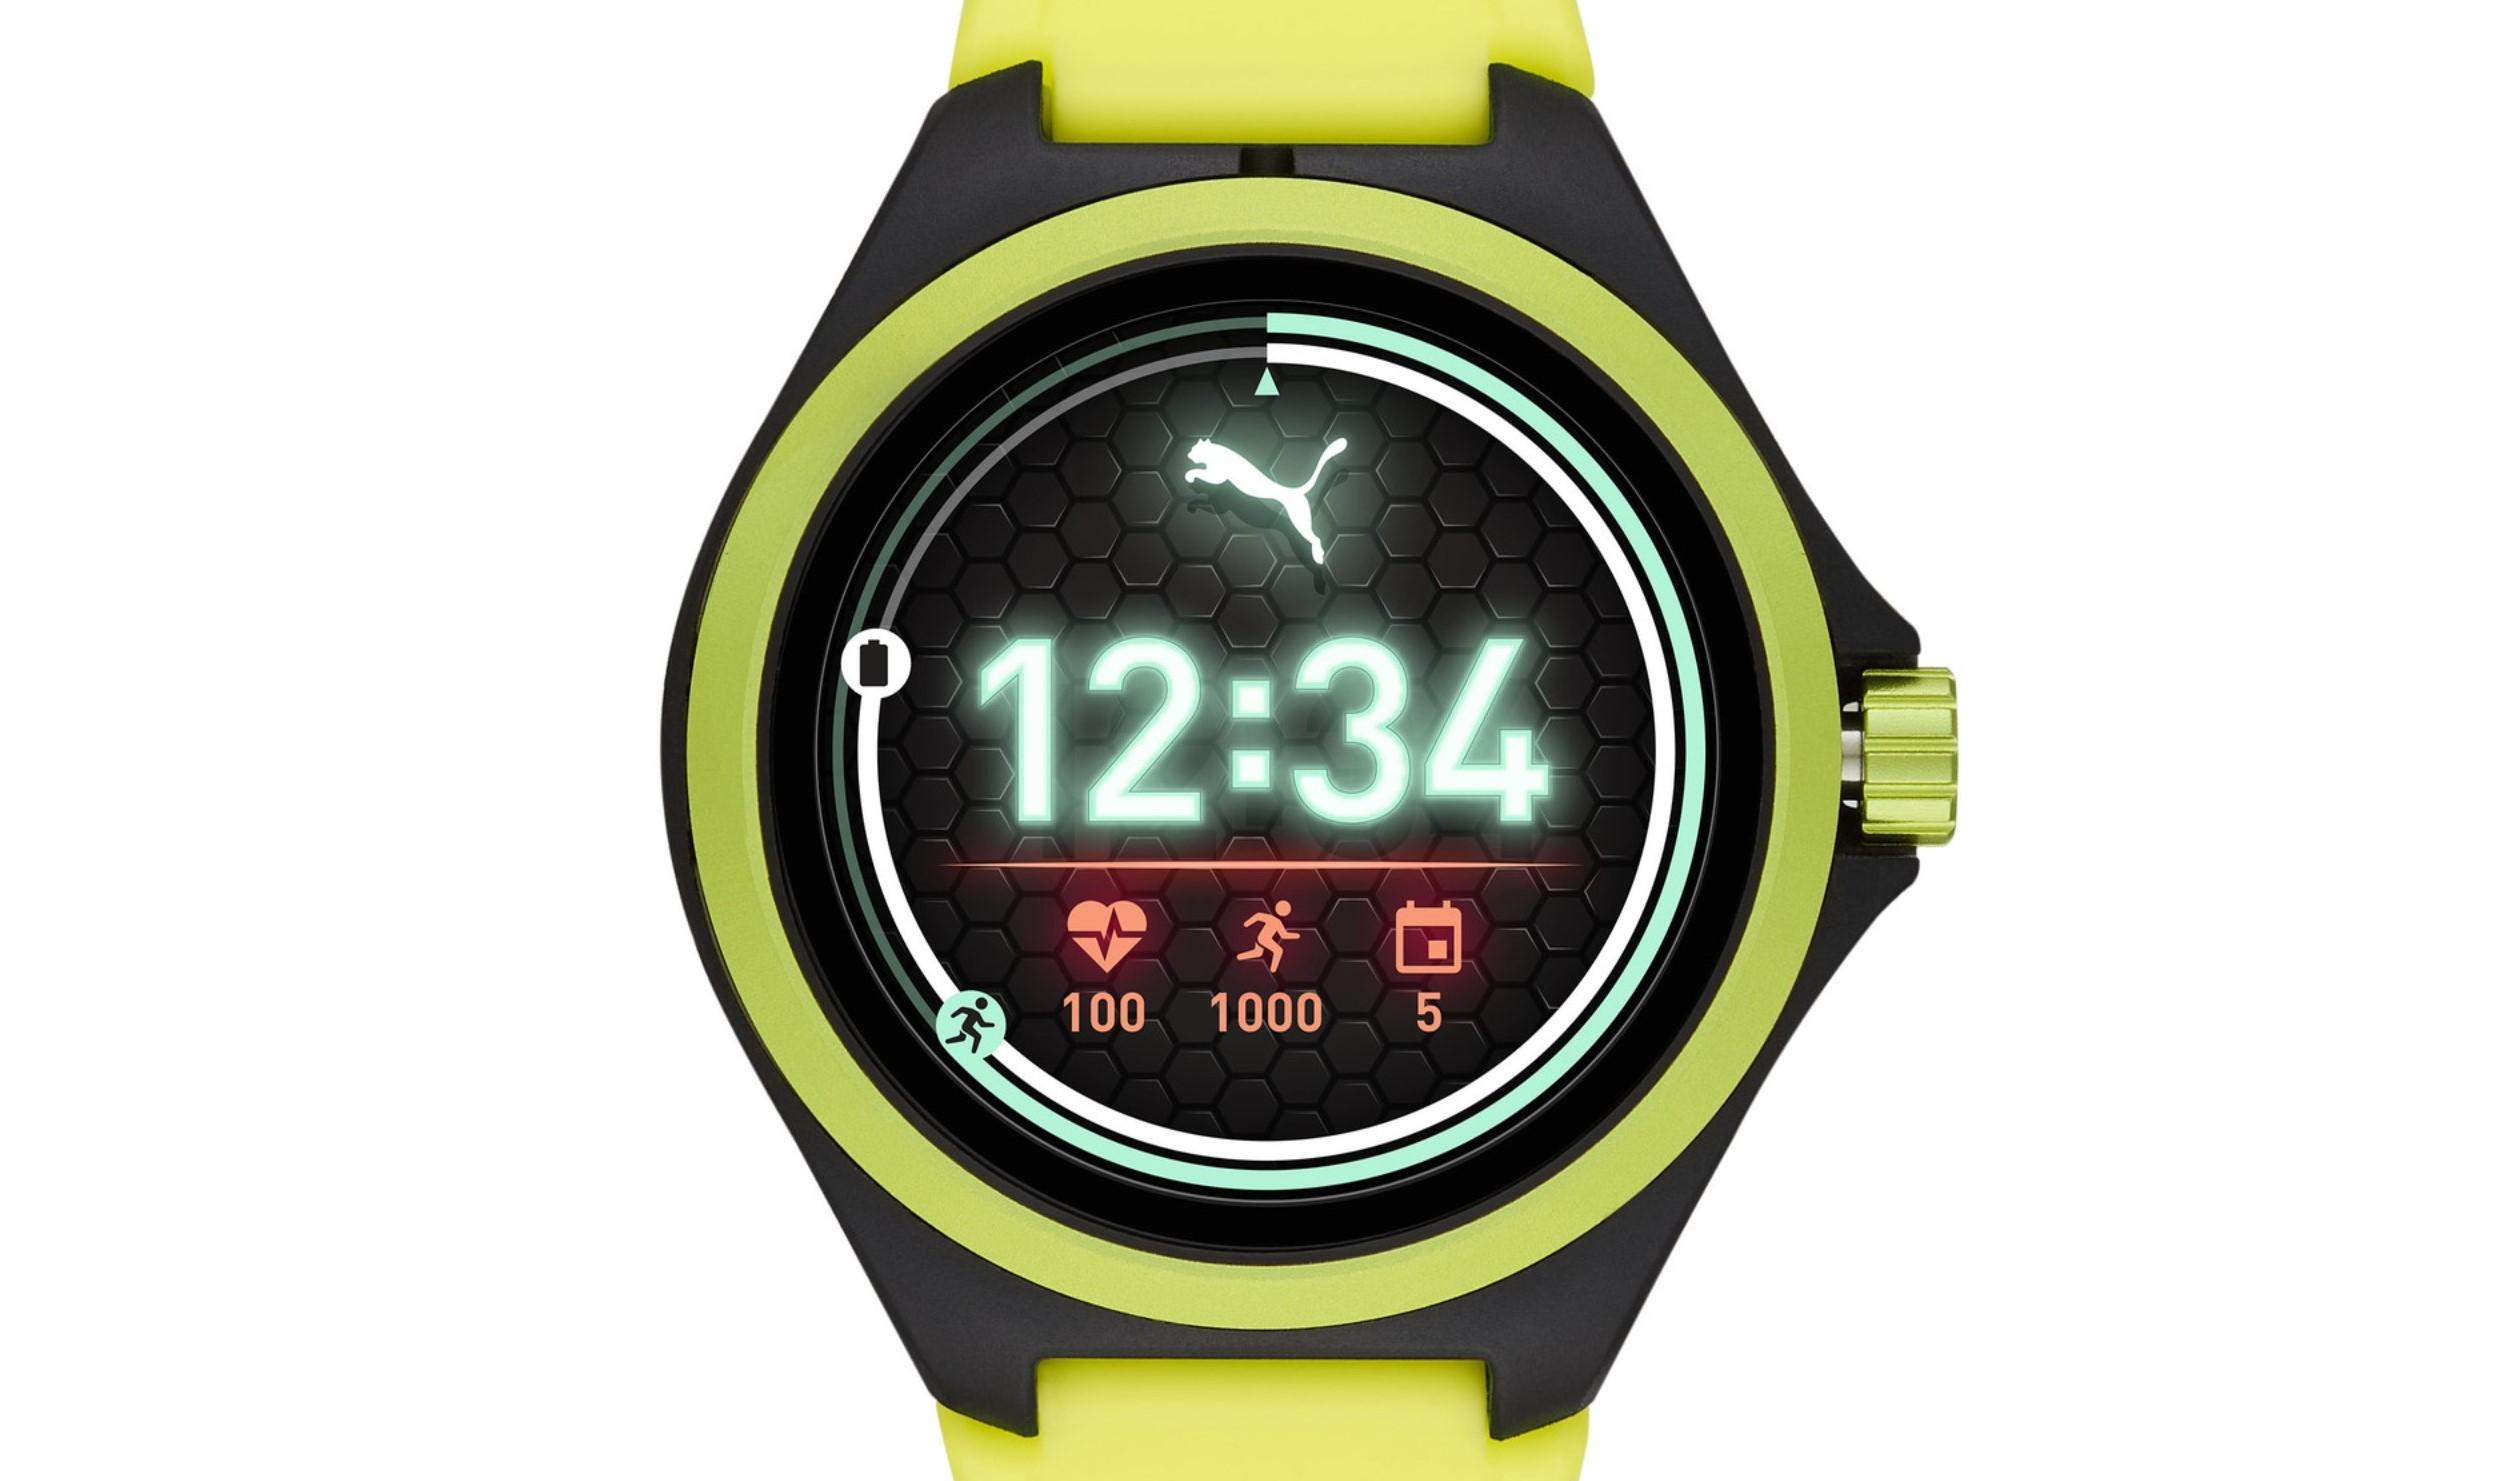 Pierwszy smartwatch Pumy ma Wear OS, przeciętną specyfikację i pojawił się za późno 20